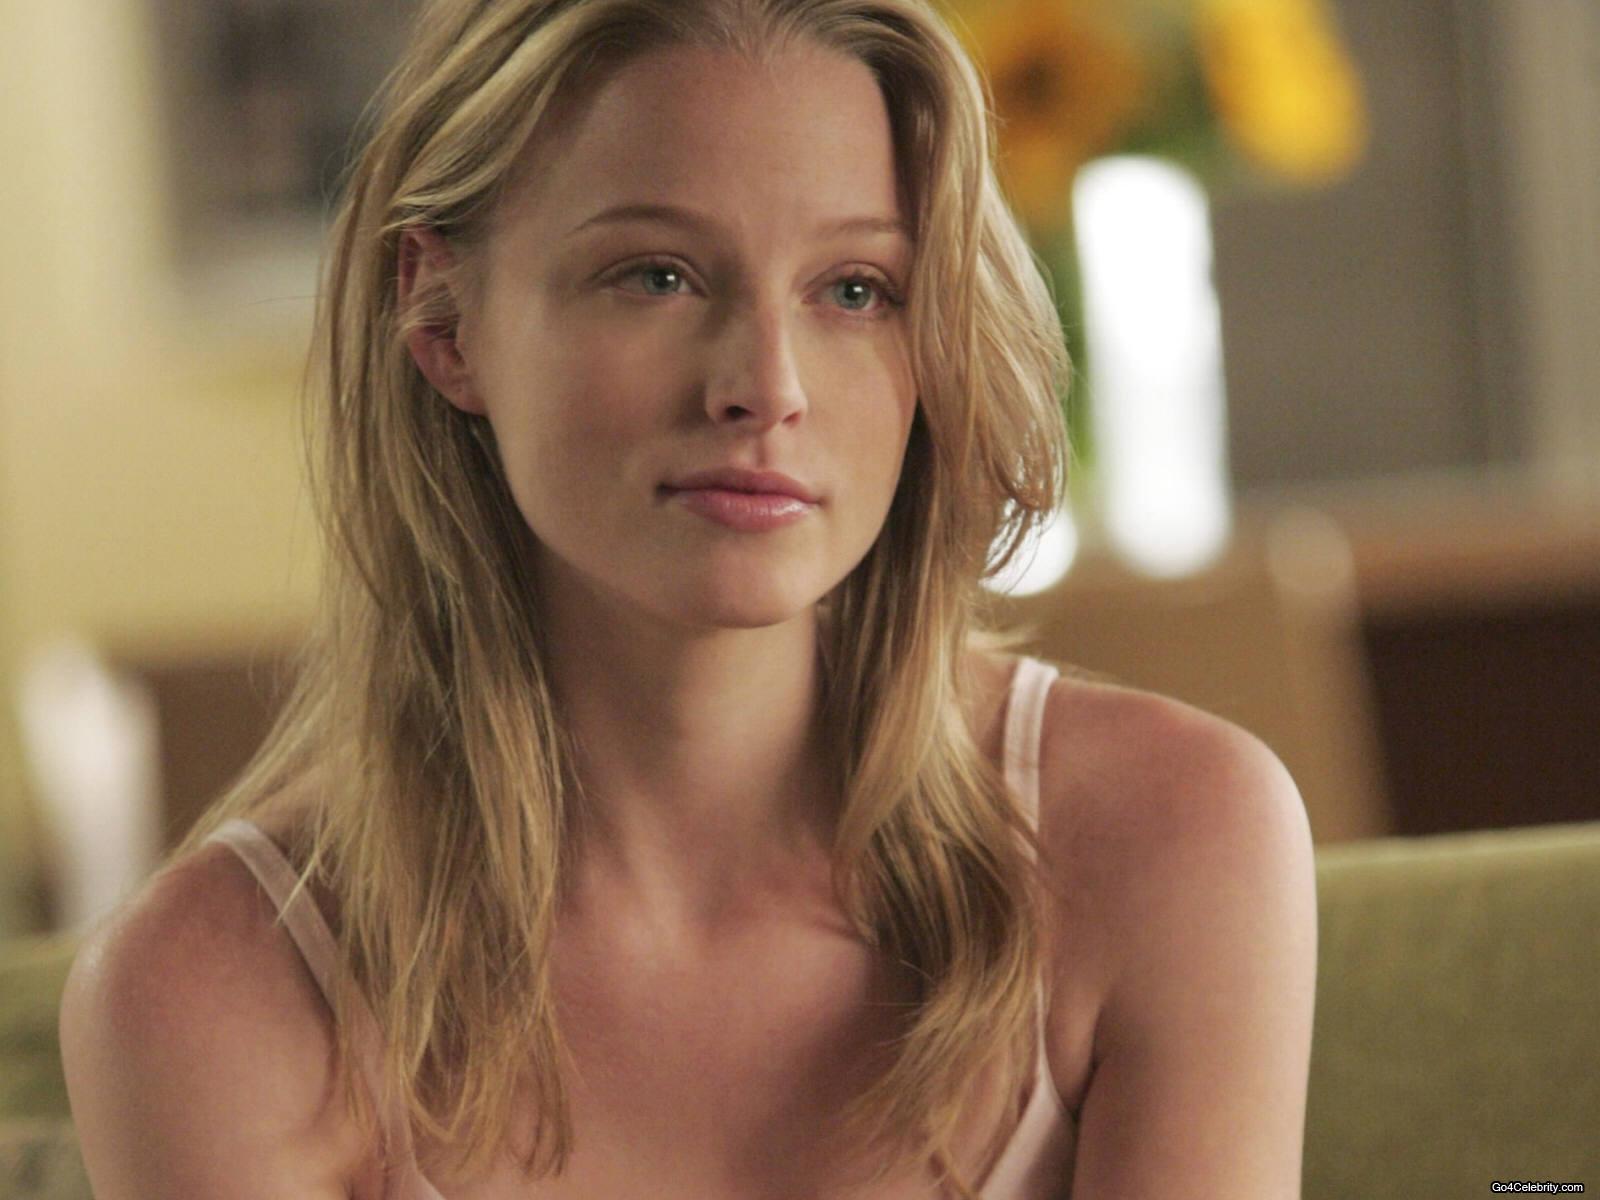 Topic gi joe actress nude not